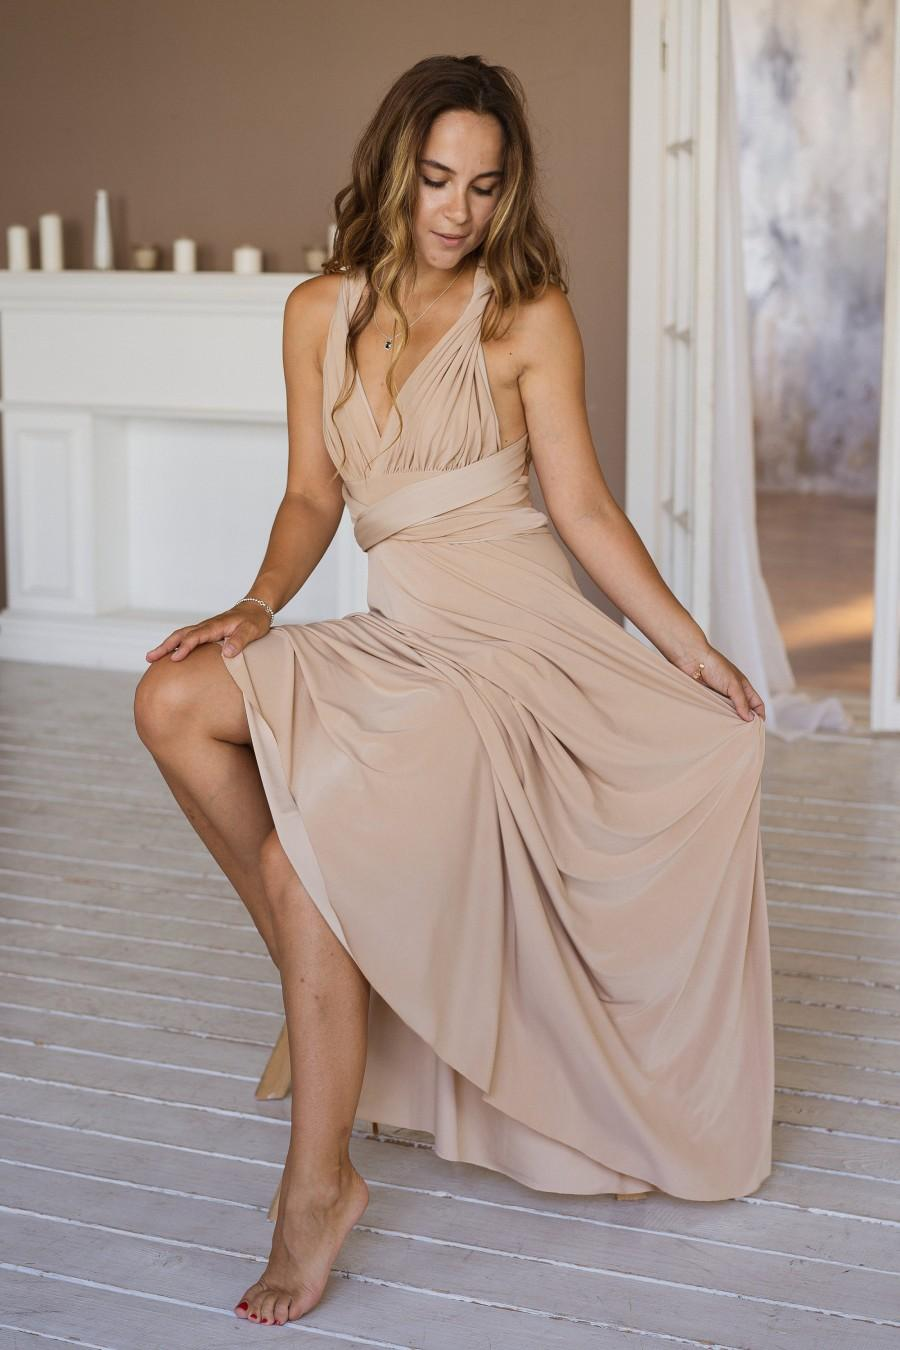 Hochzeit - Beige Bridesmaid dress, Beige infinity dress, Beige convertible dress, Beige maternity gown, prom dress, Beige multiway dress, party dress